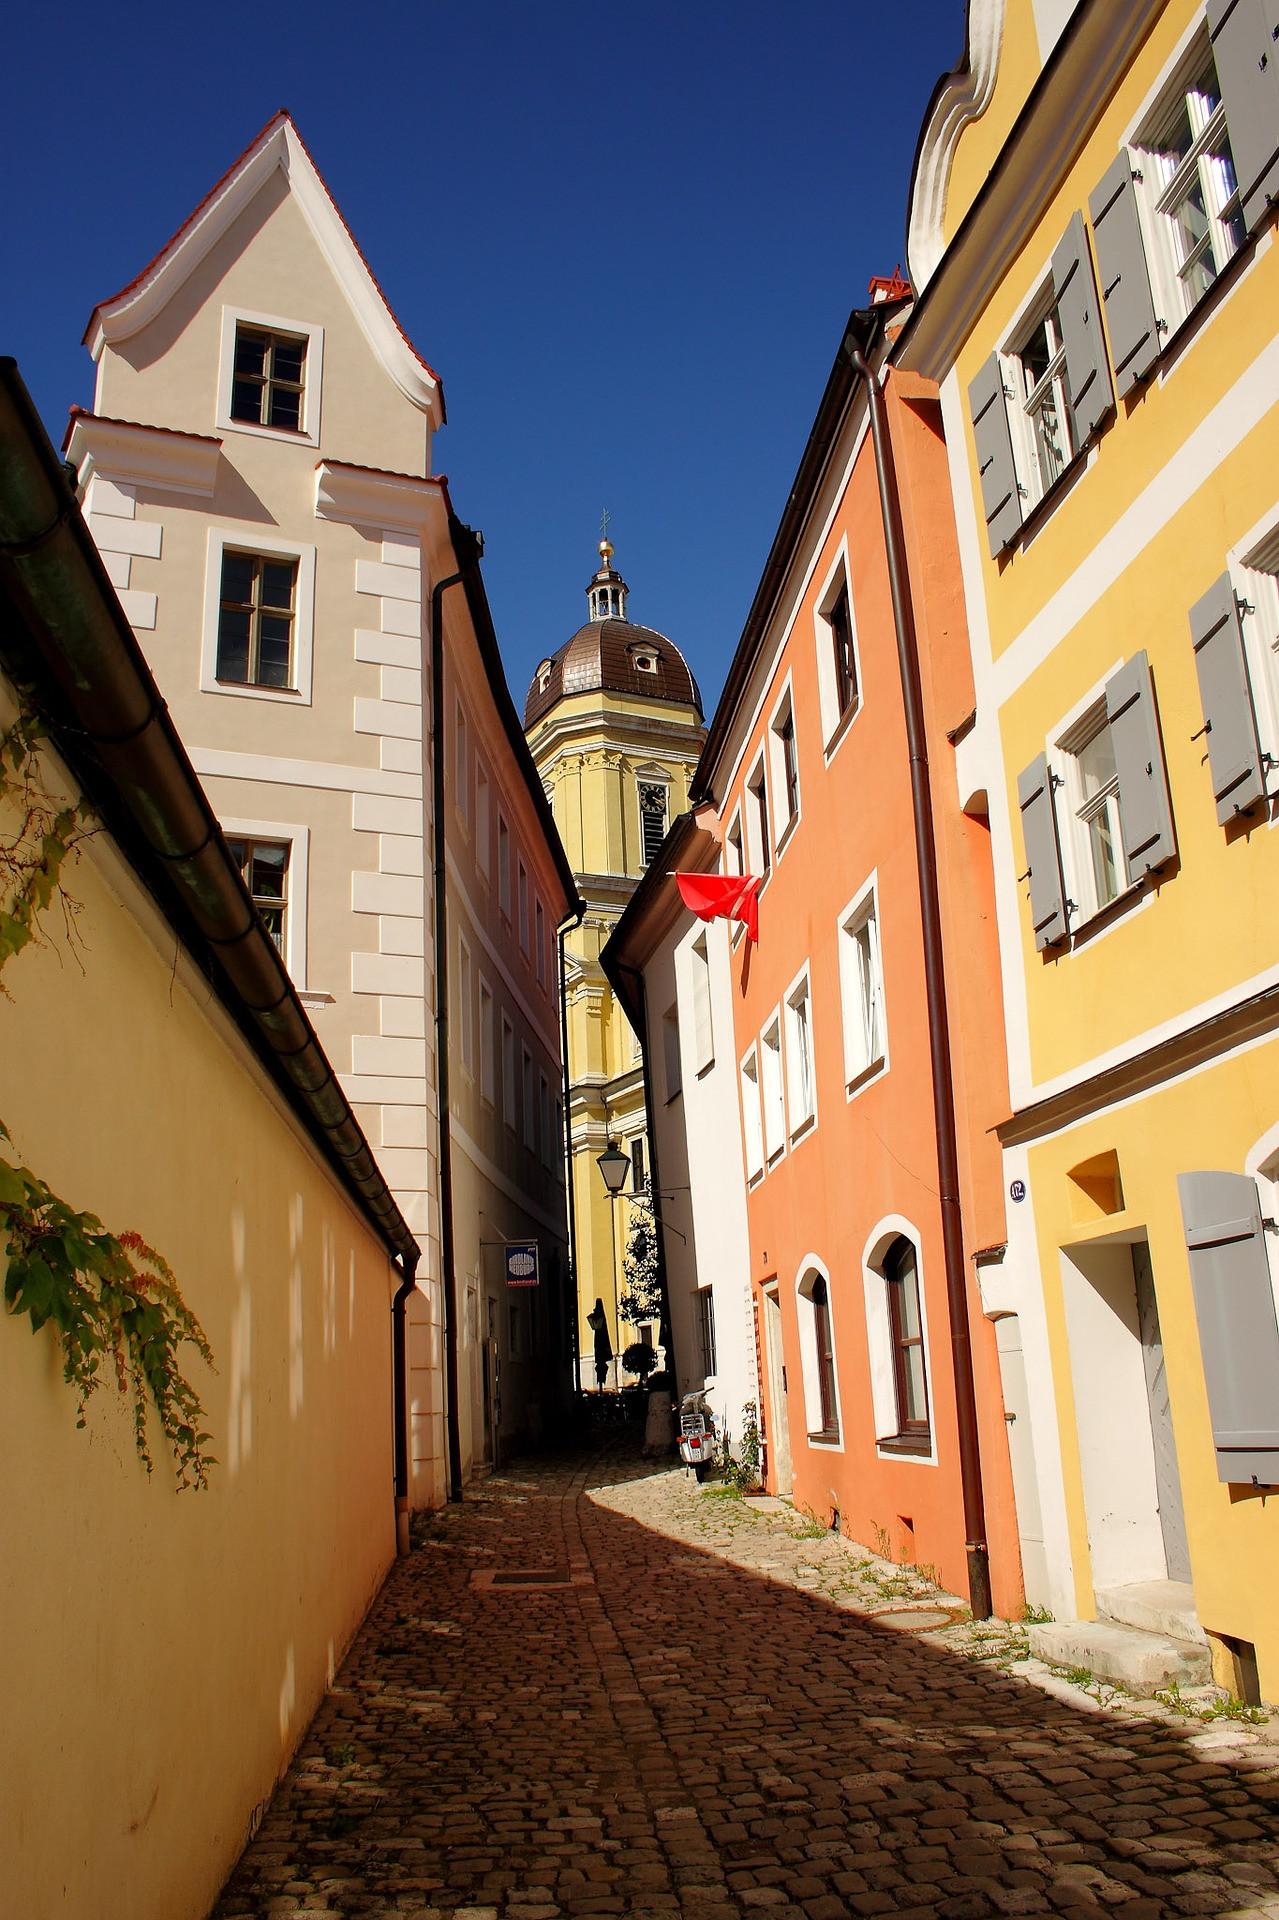 old-town-2050302_1920.jpg